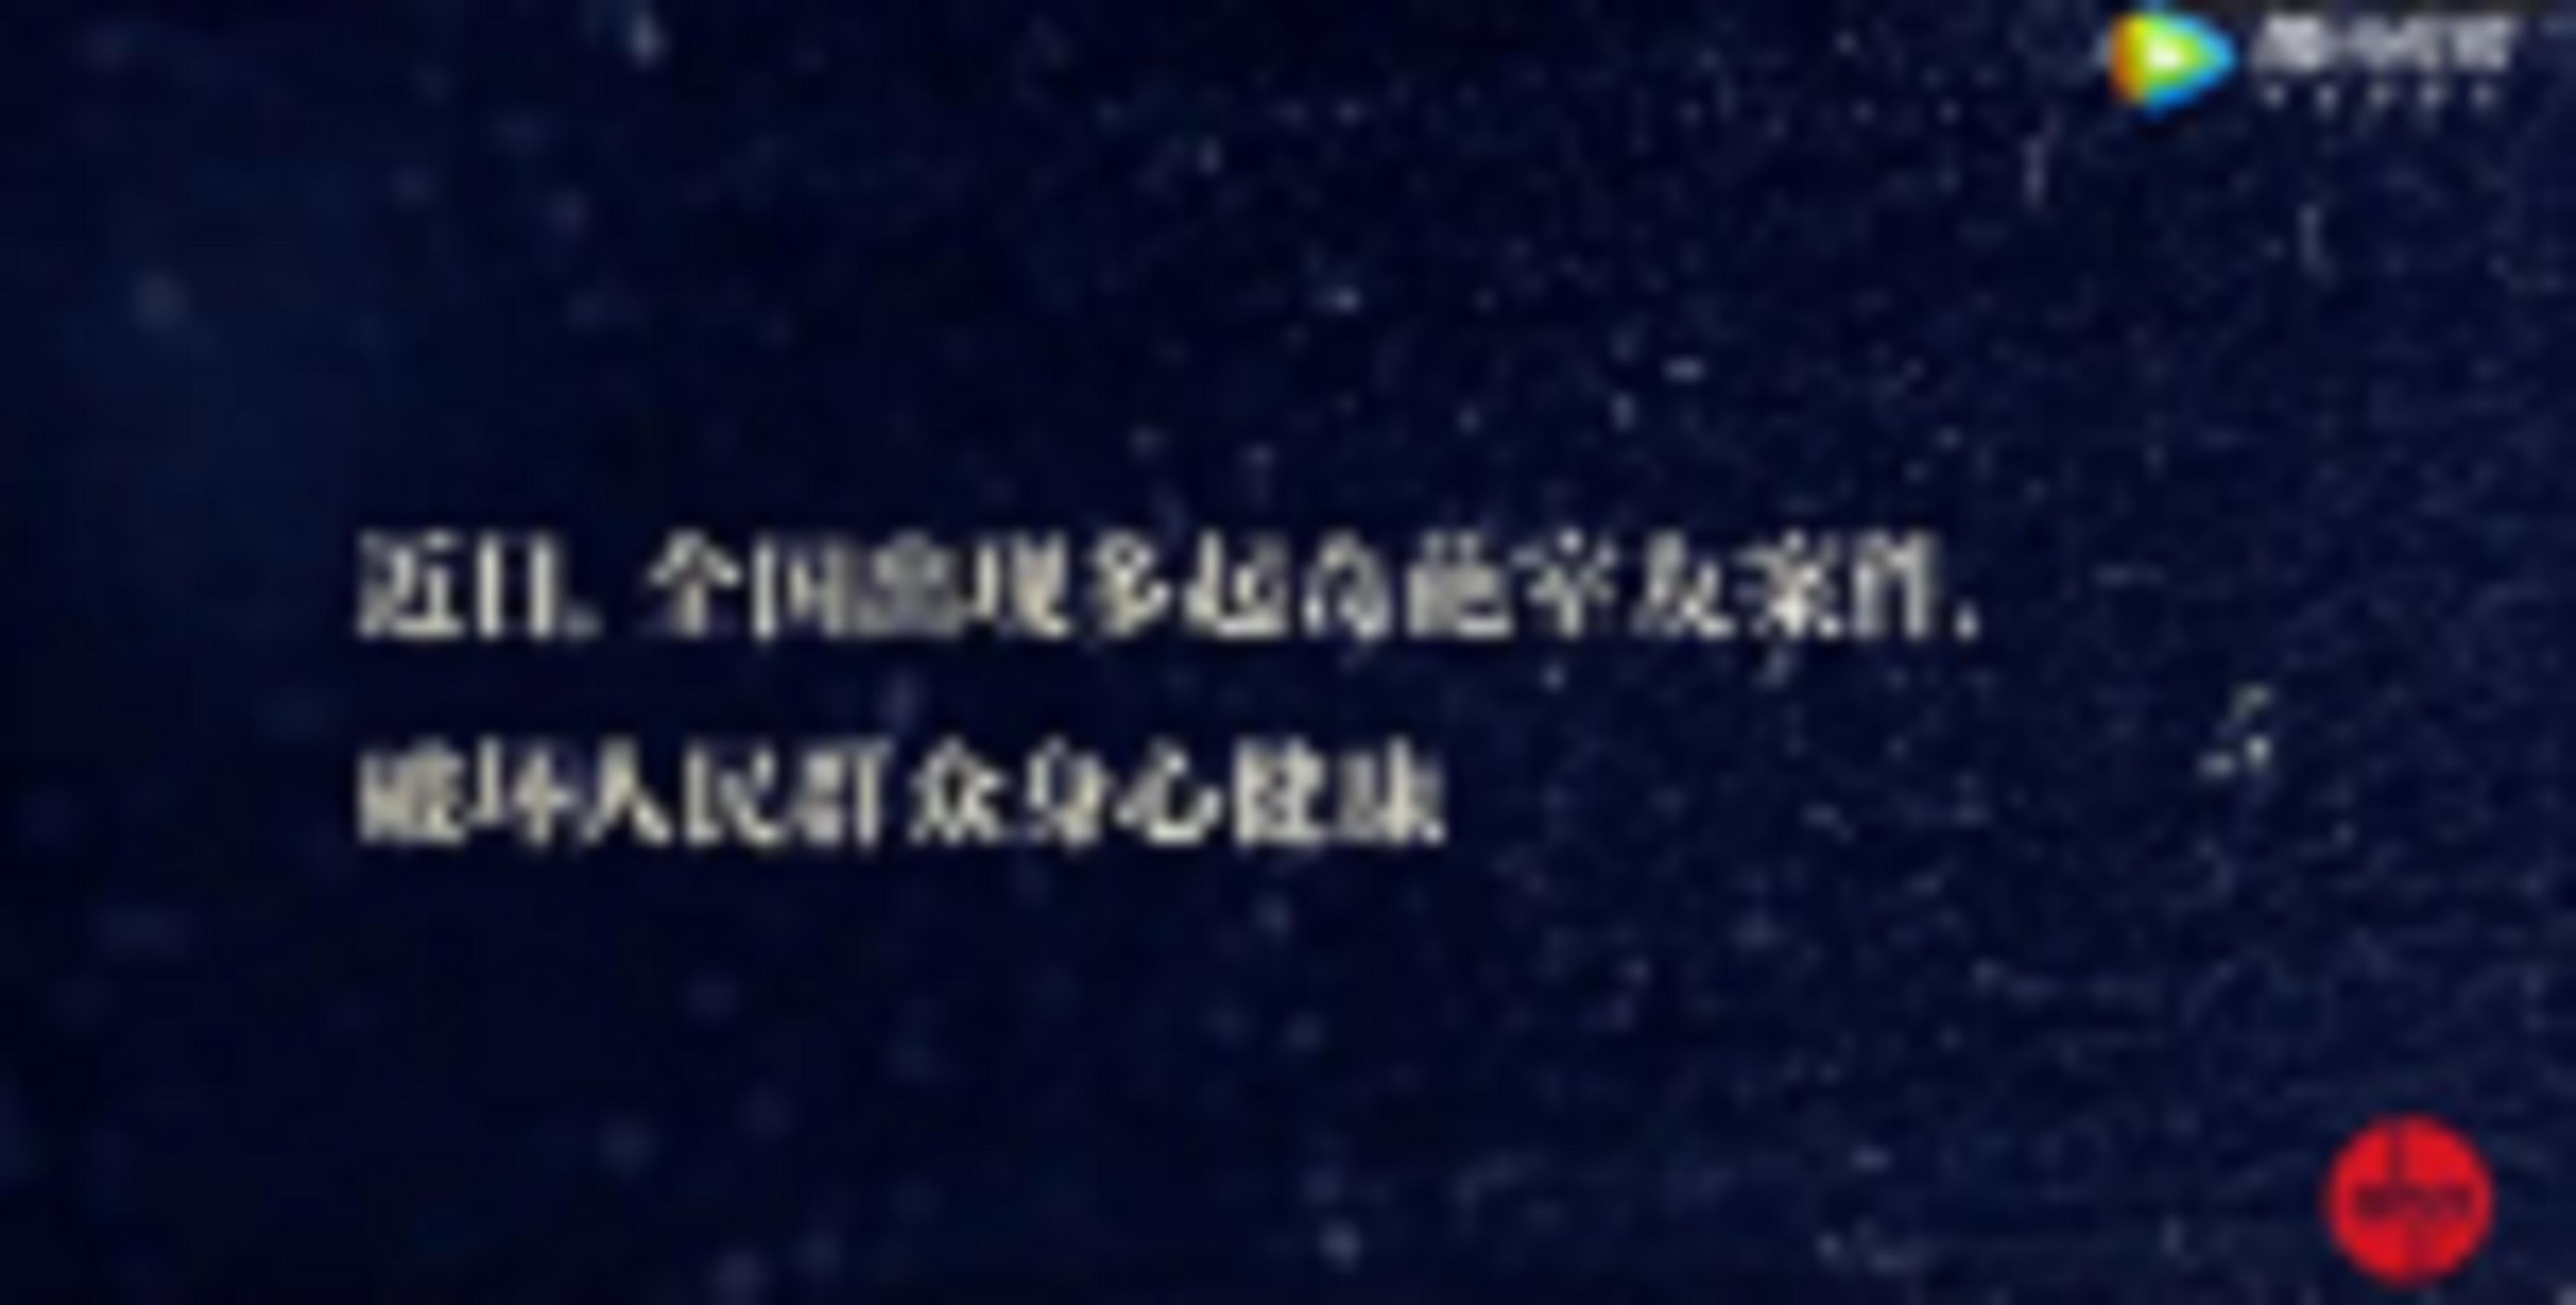 北上广合租青年...